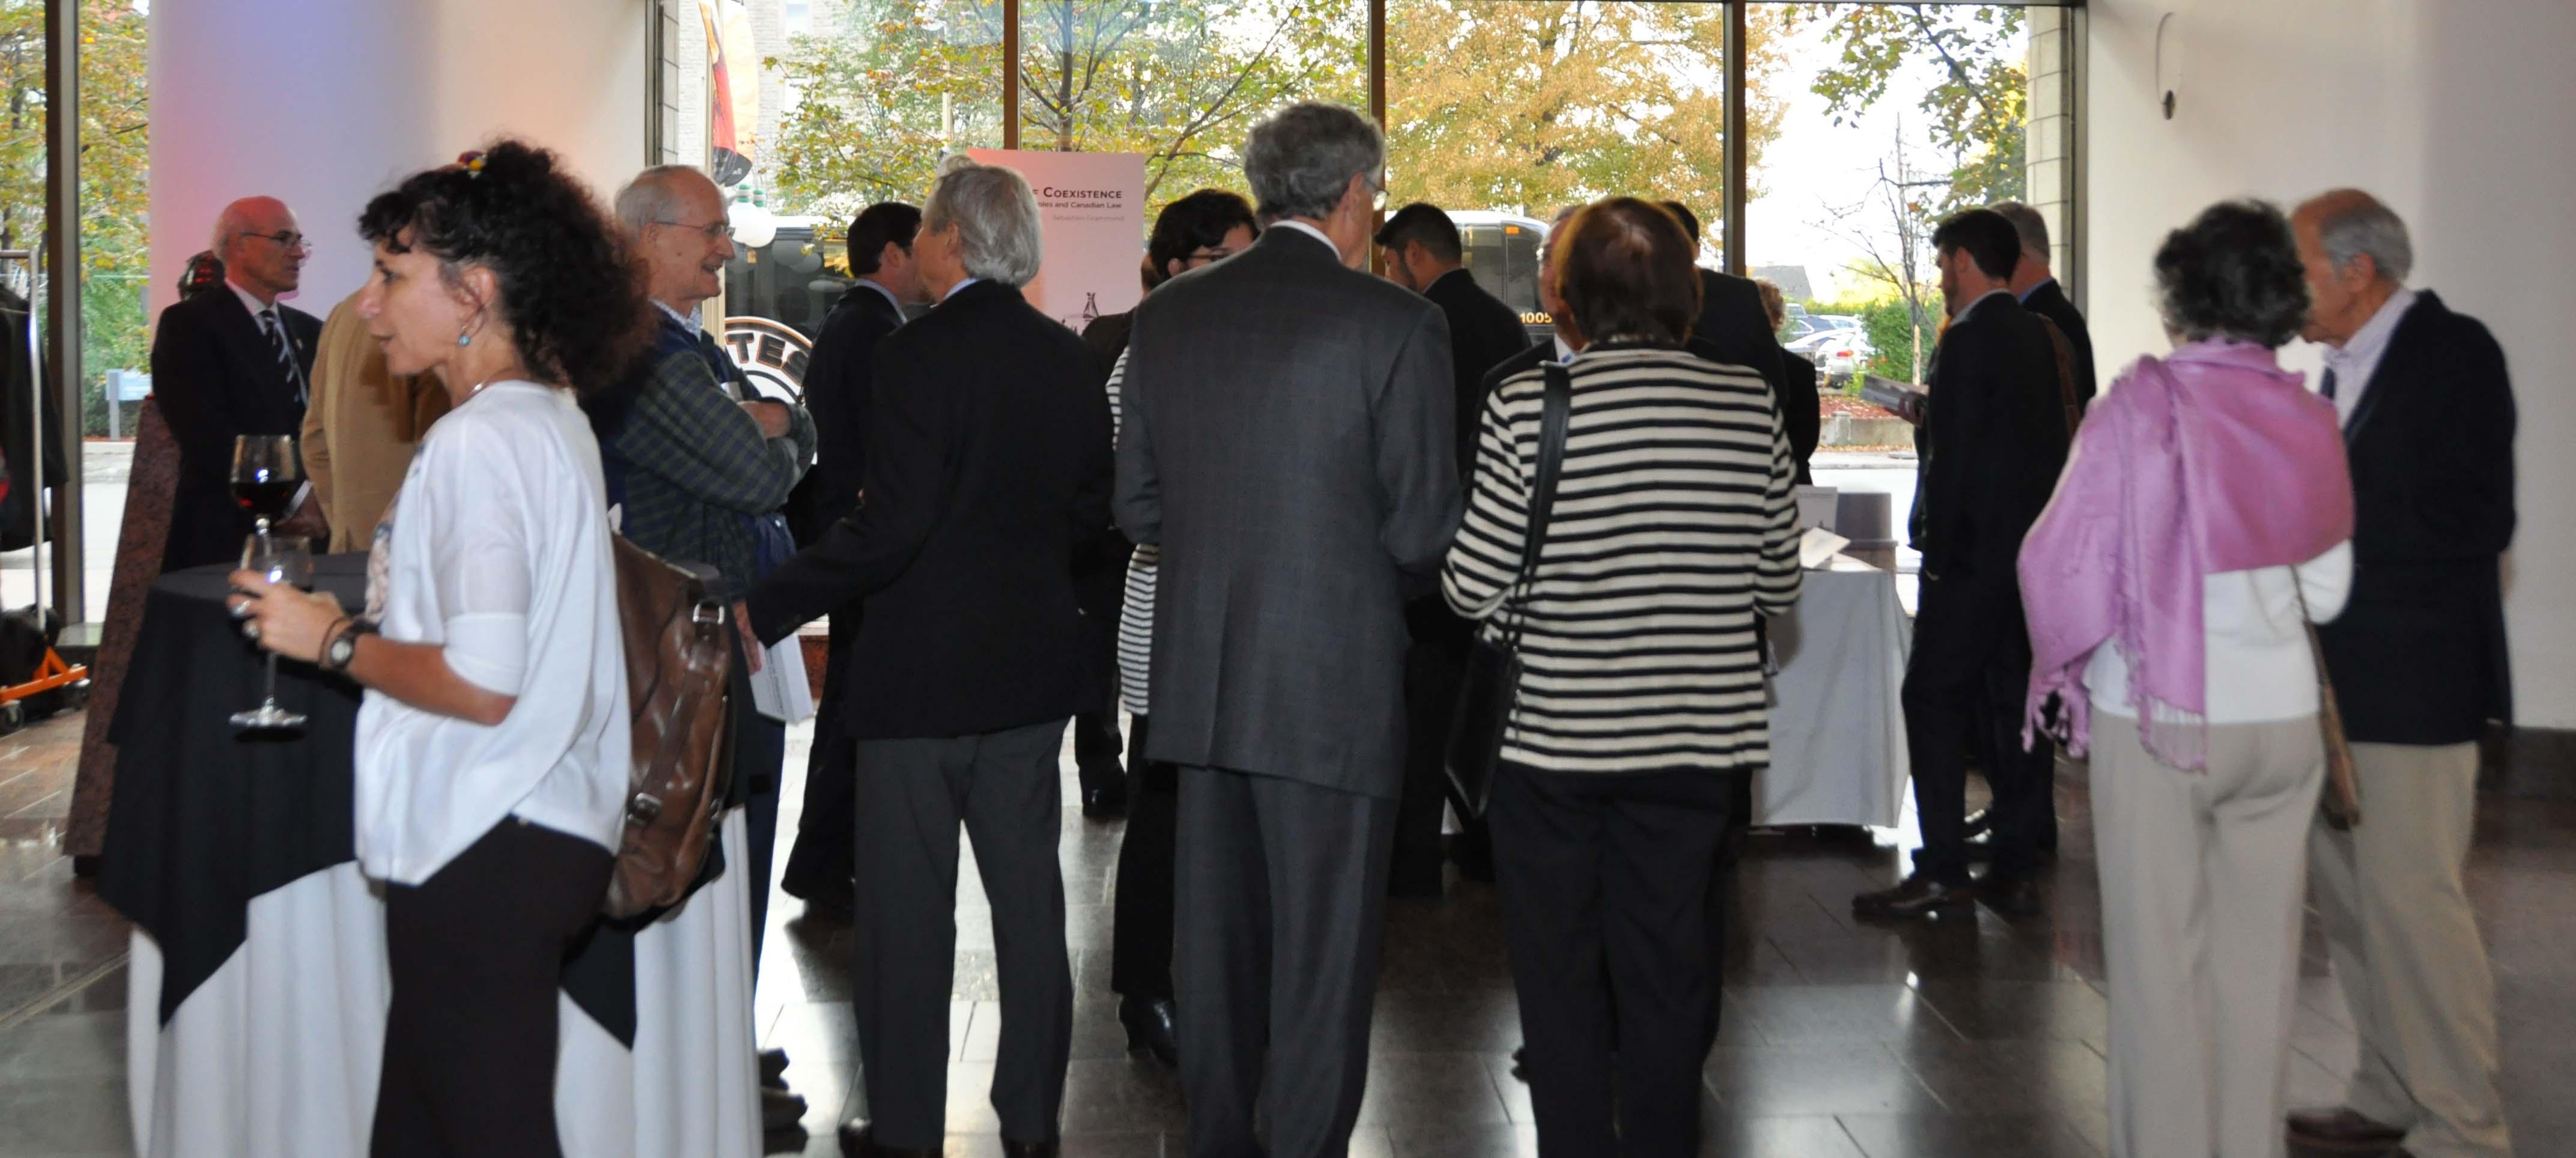 Photos du groupe de personnes présent pour le lancement du livre de Sébastien Grammond.